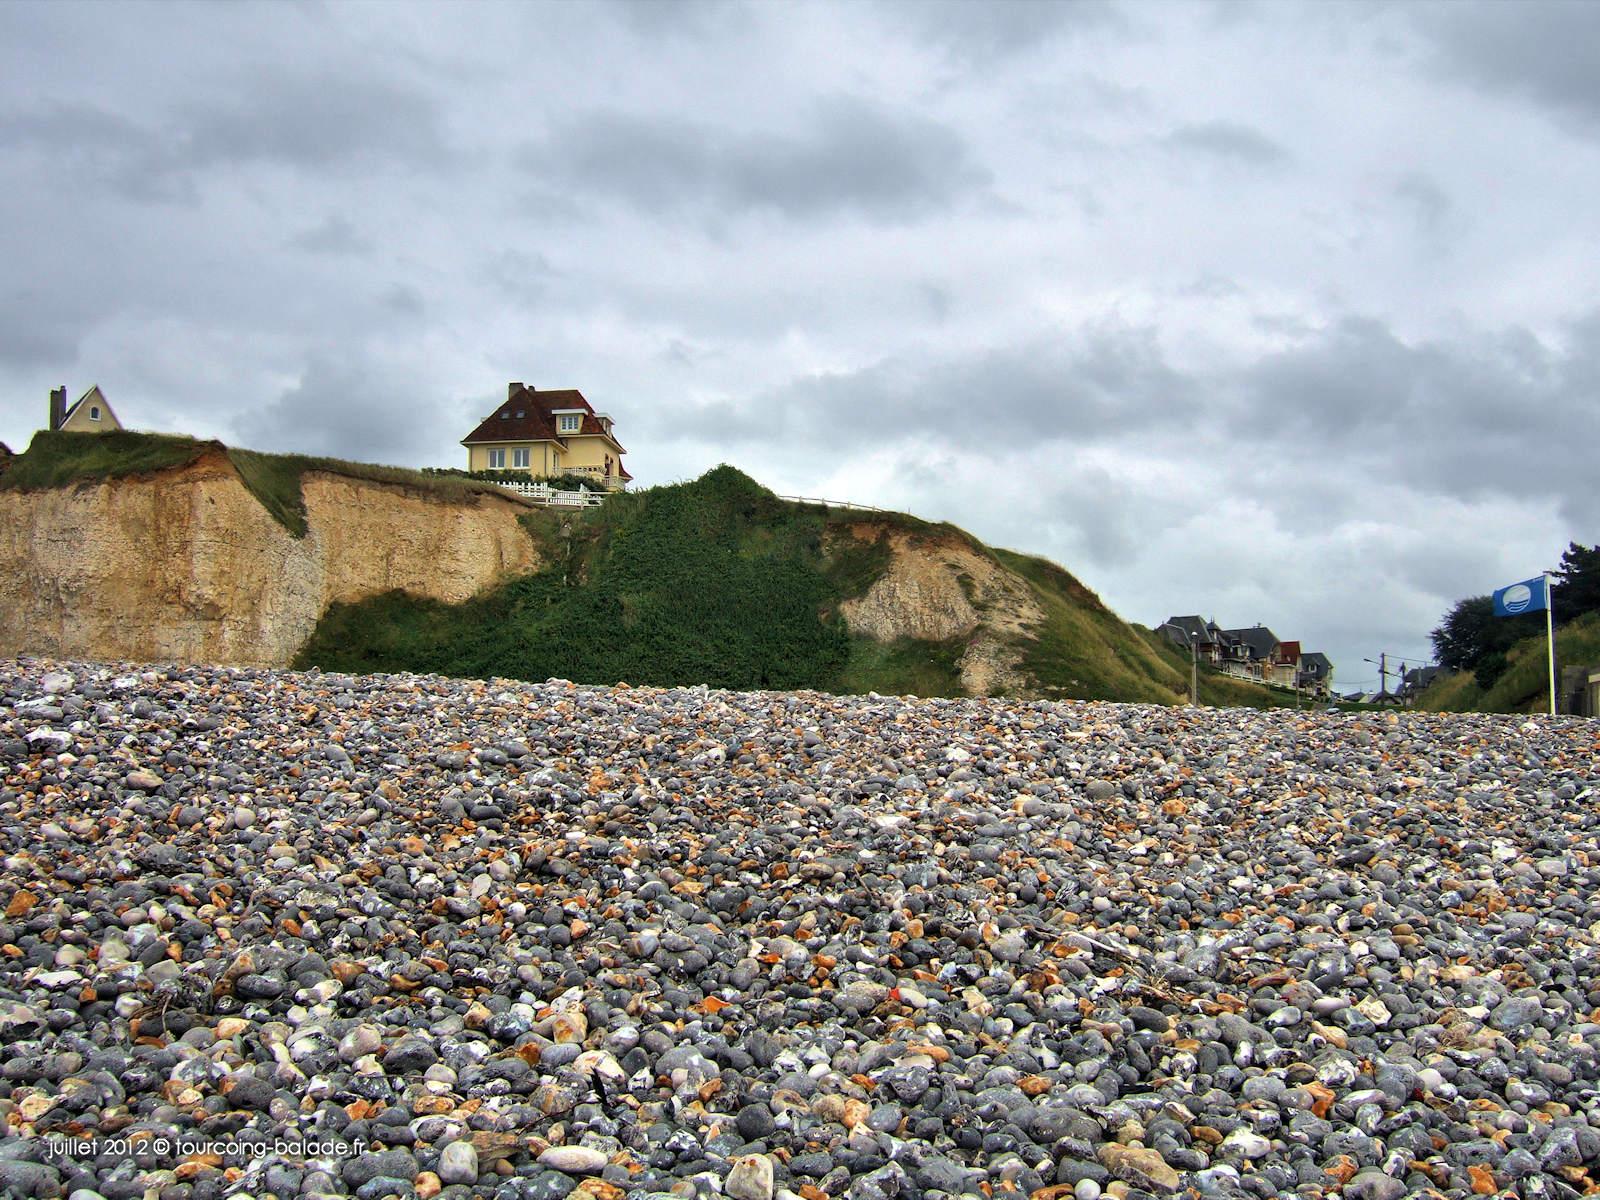 Criel-sur-mer, Normandie - Falaises et plages de galets.